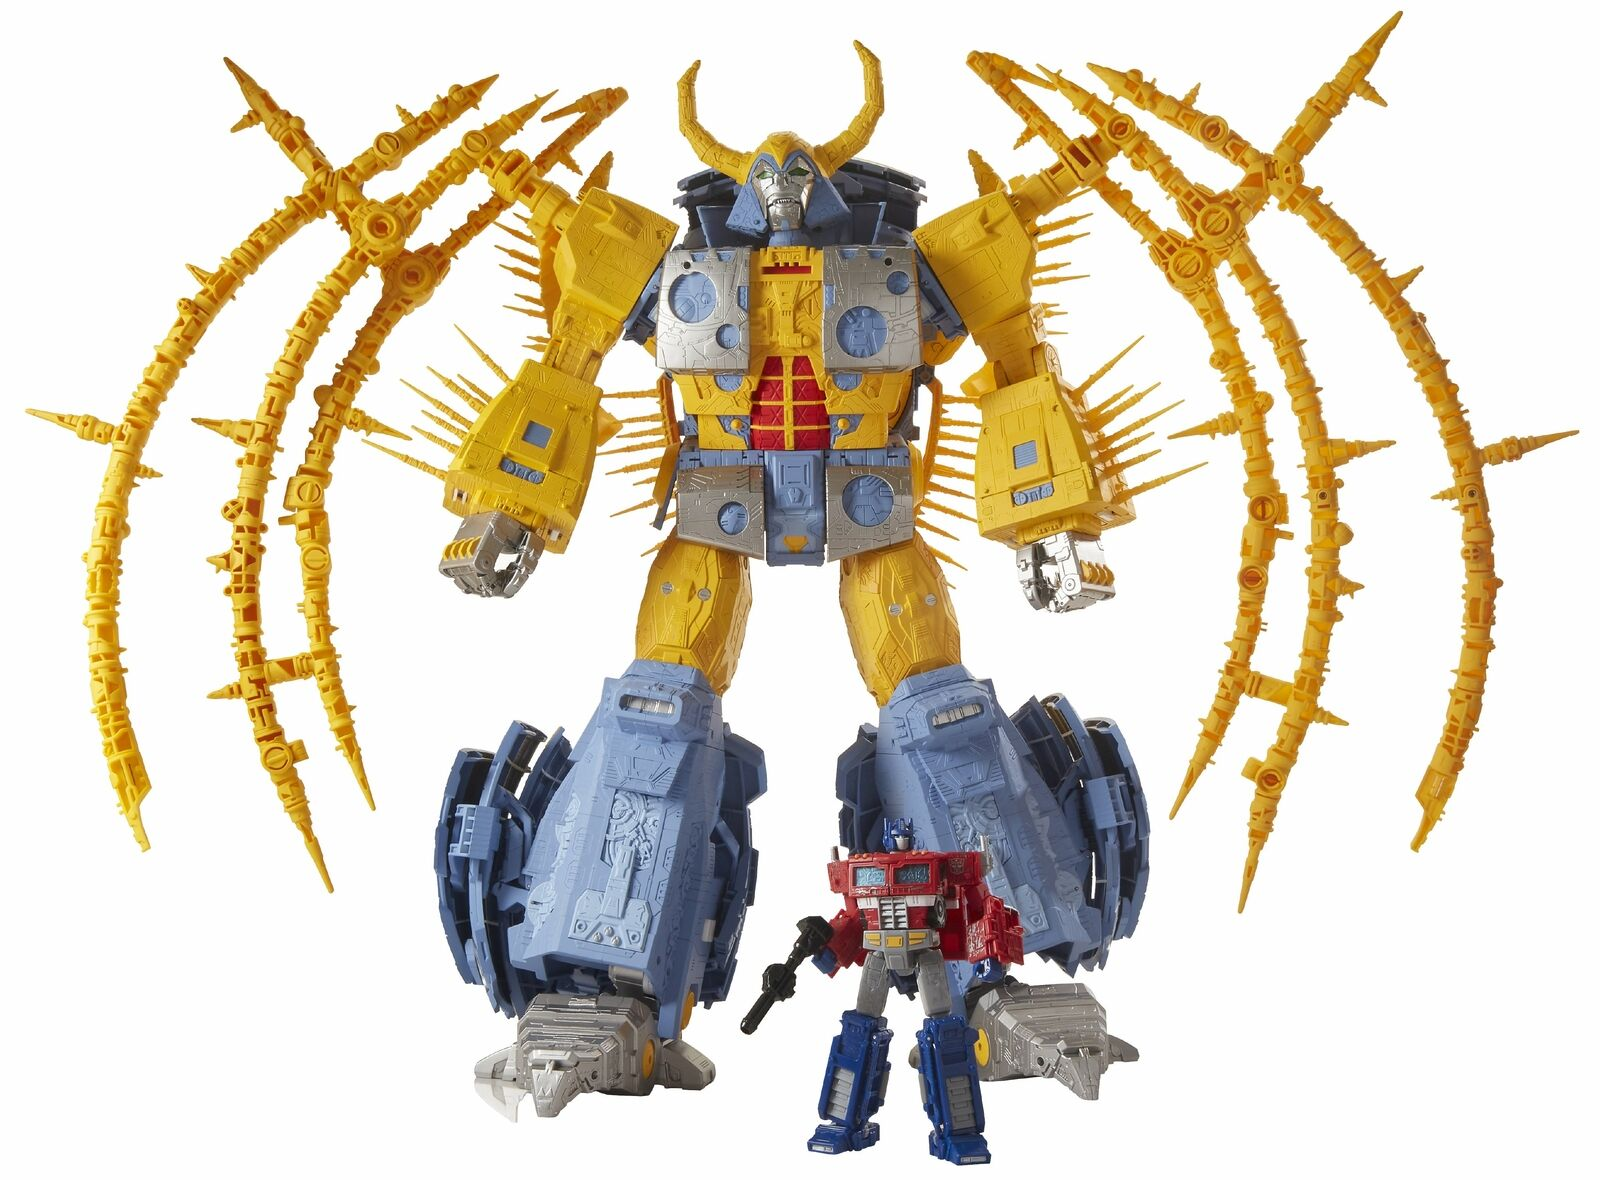 Niño, 70 cm. Transformers, ataque a la Ciudad, Monzón Cybertron.